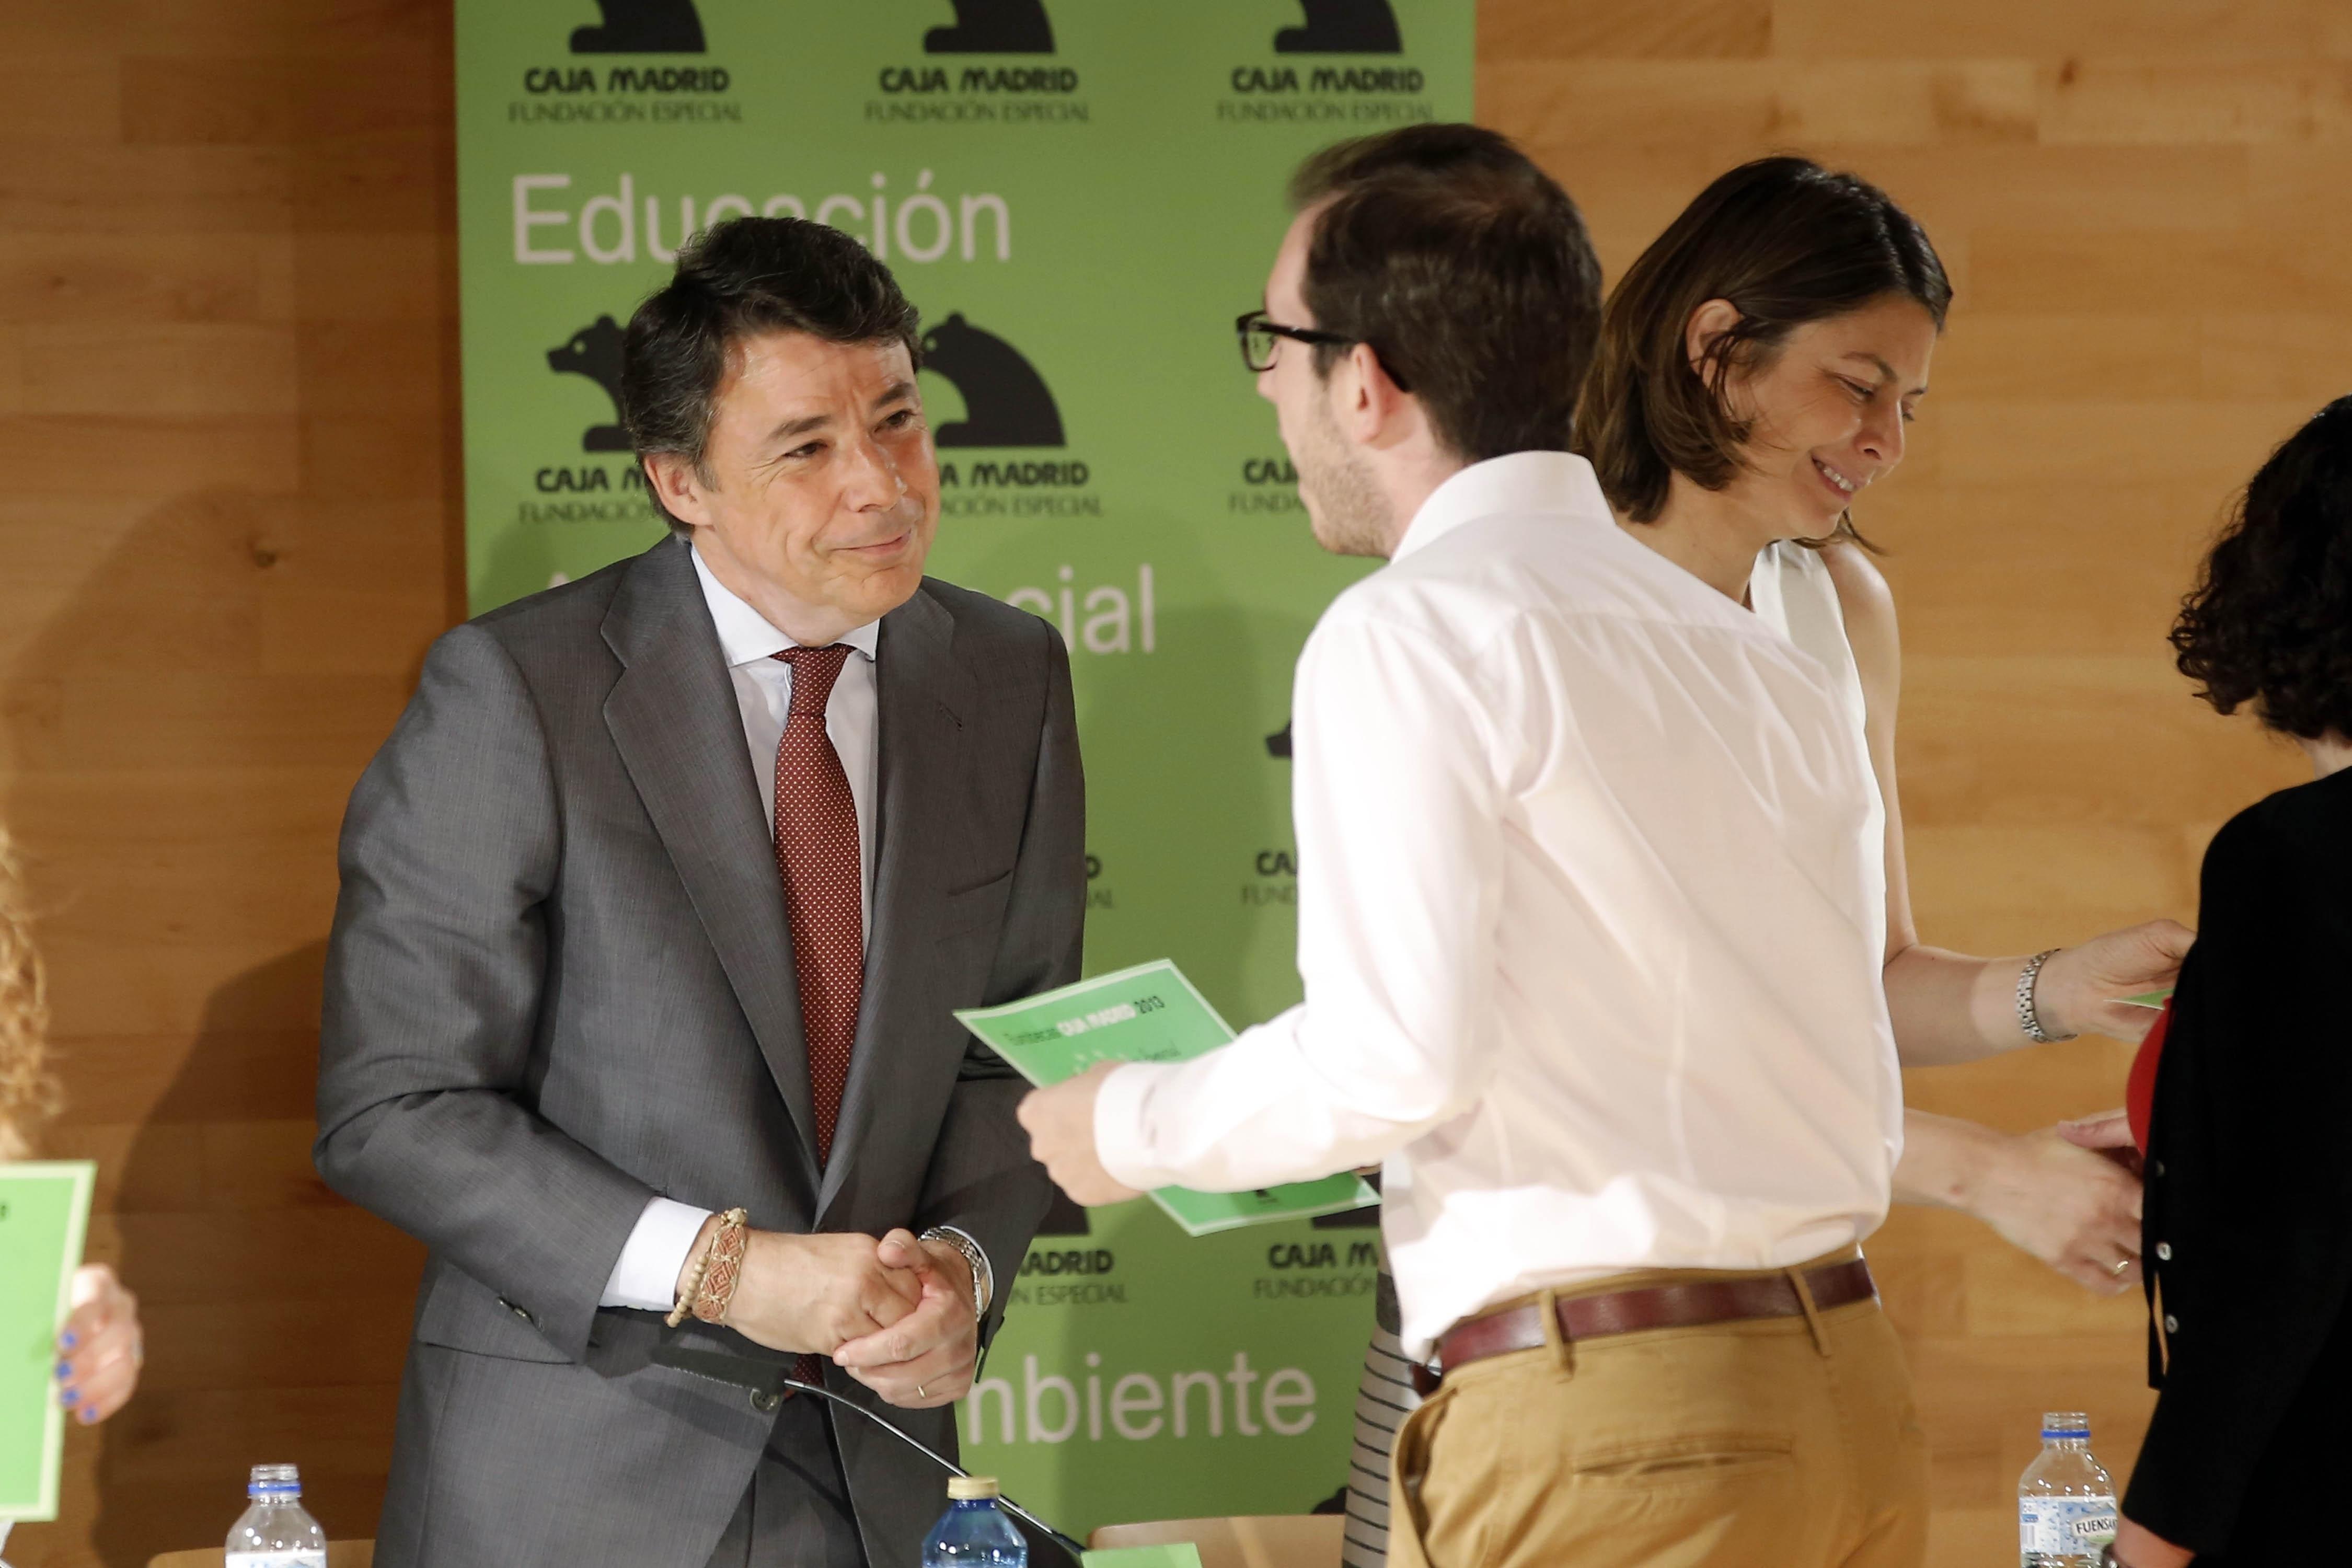 Un total de 128 jóvenes españoles reciben una beca de la Fundación Especial Caja Madrid en la edición 2013